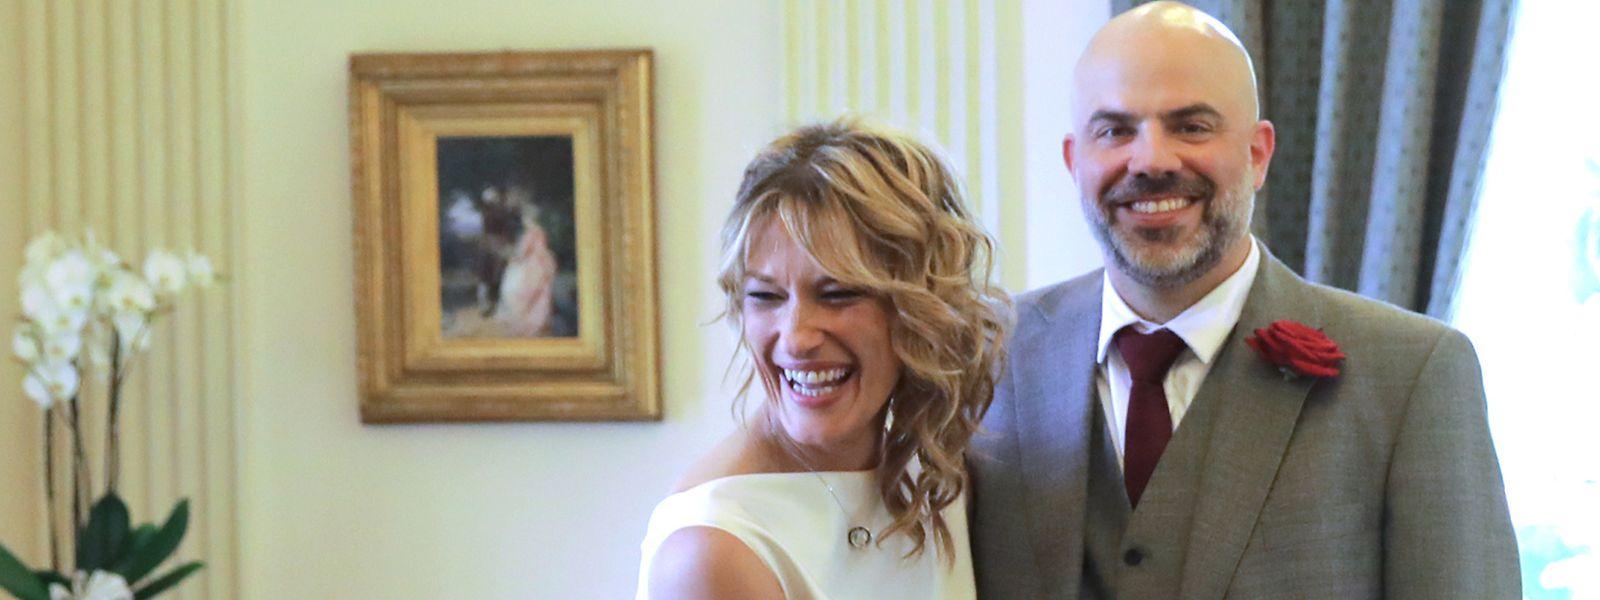 Das Paar bei seiner Hochzeit im Jahr 2019.